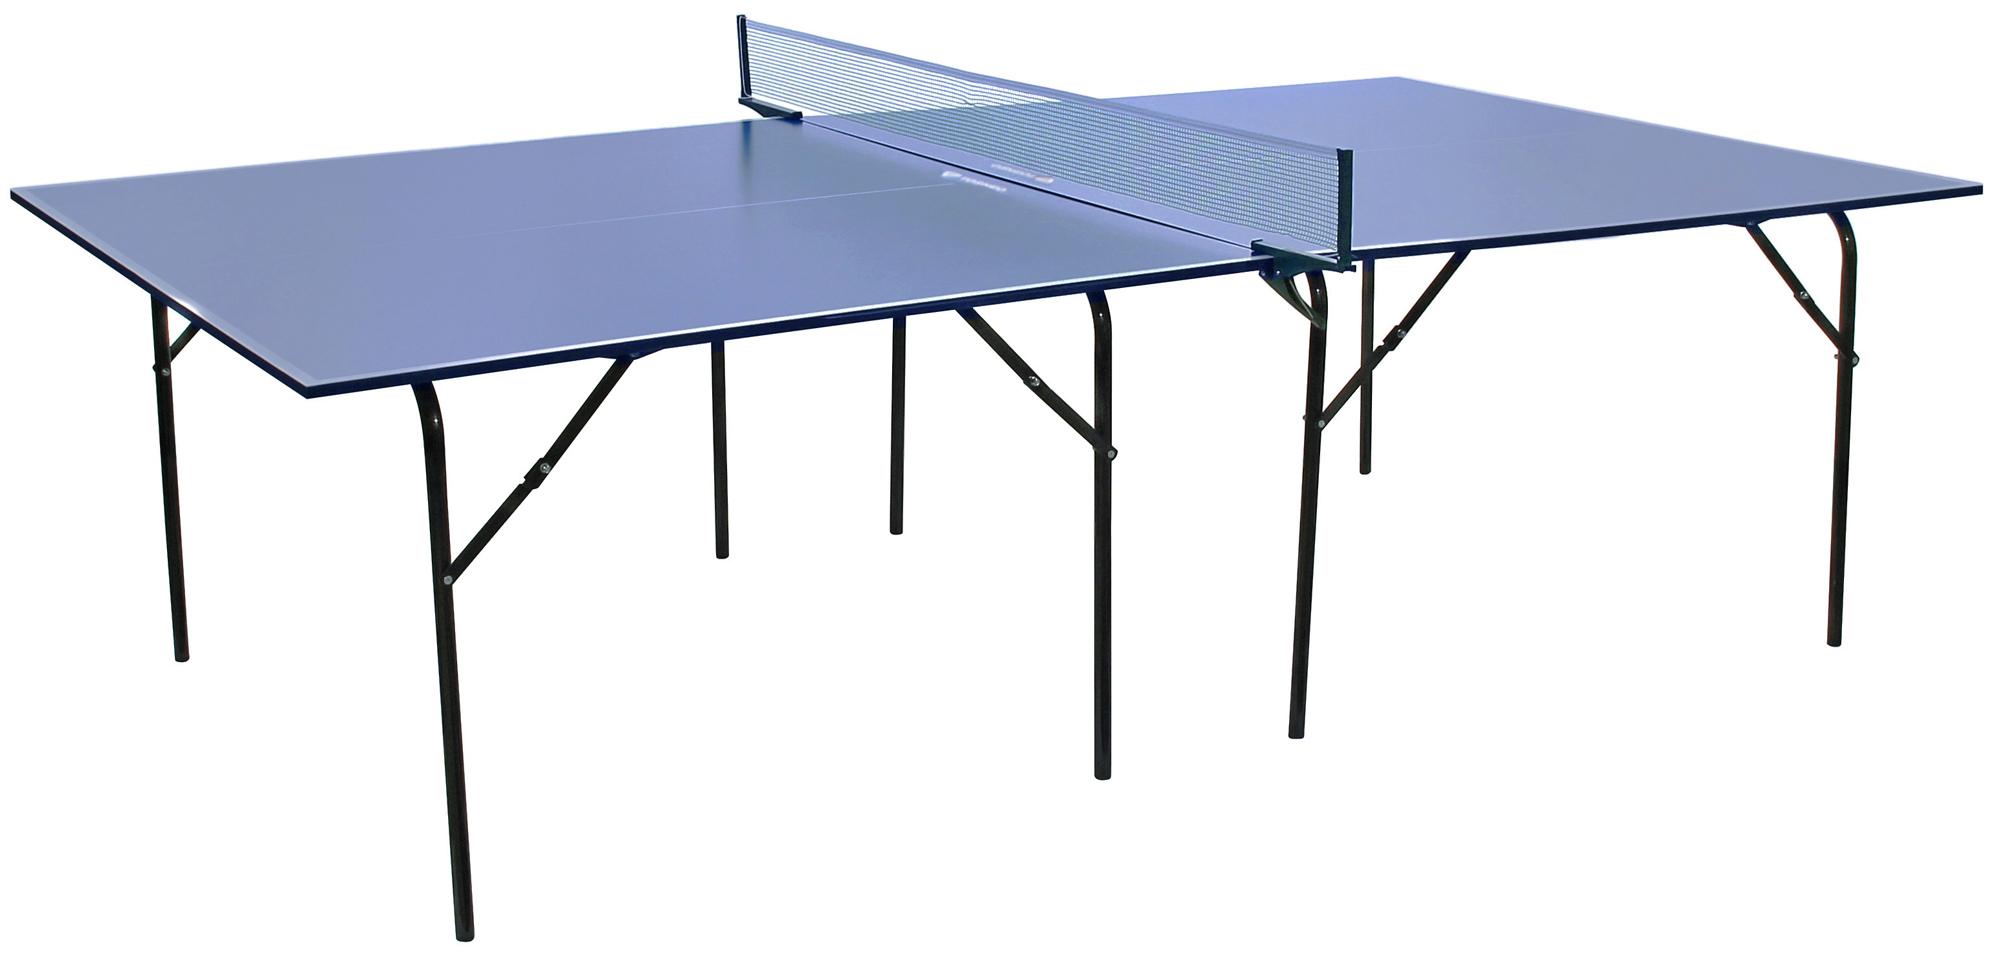 Torneo Теннисный стол для помещений Torneo torneo теннисный стол всепогодный torneo